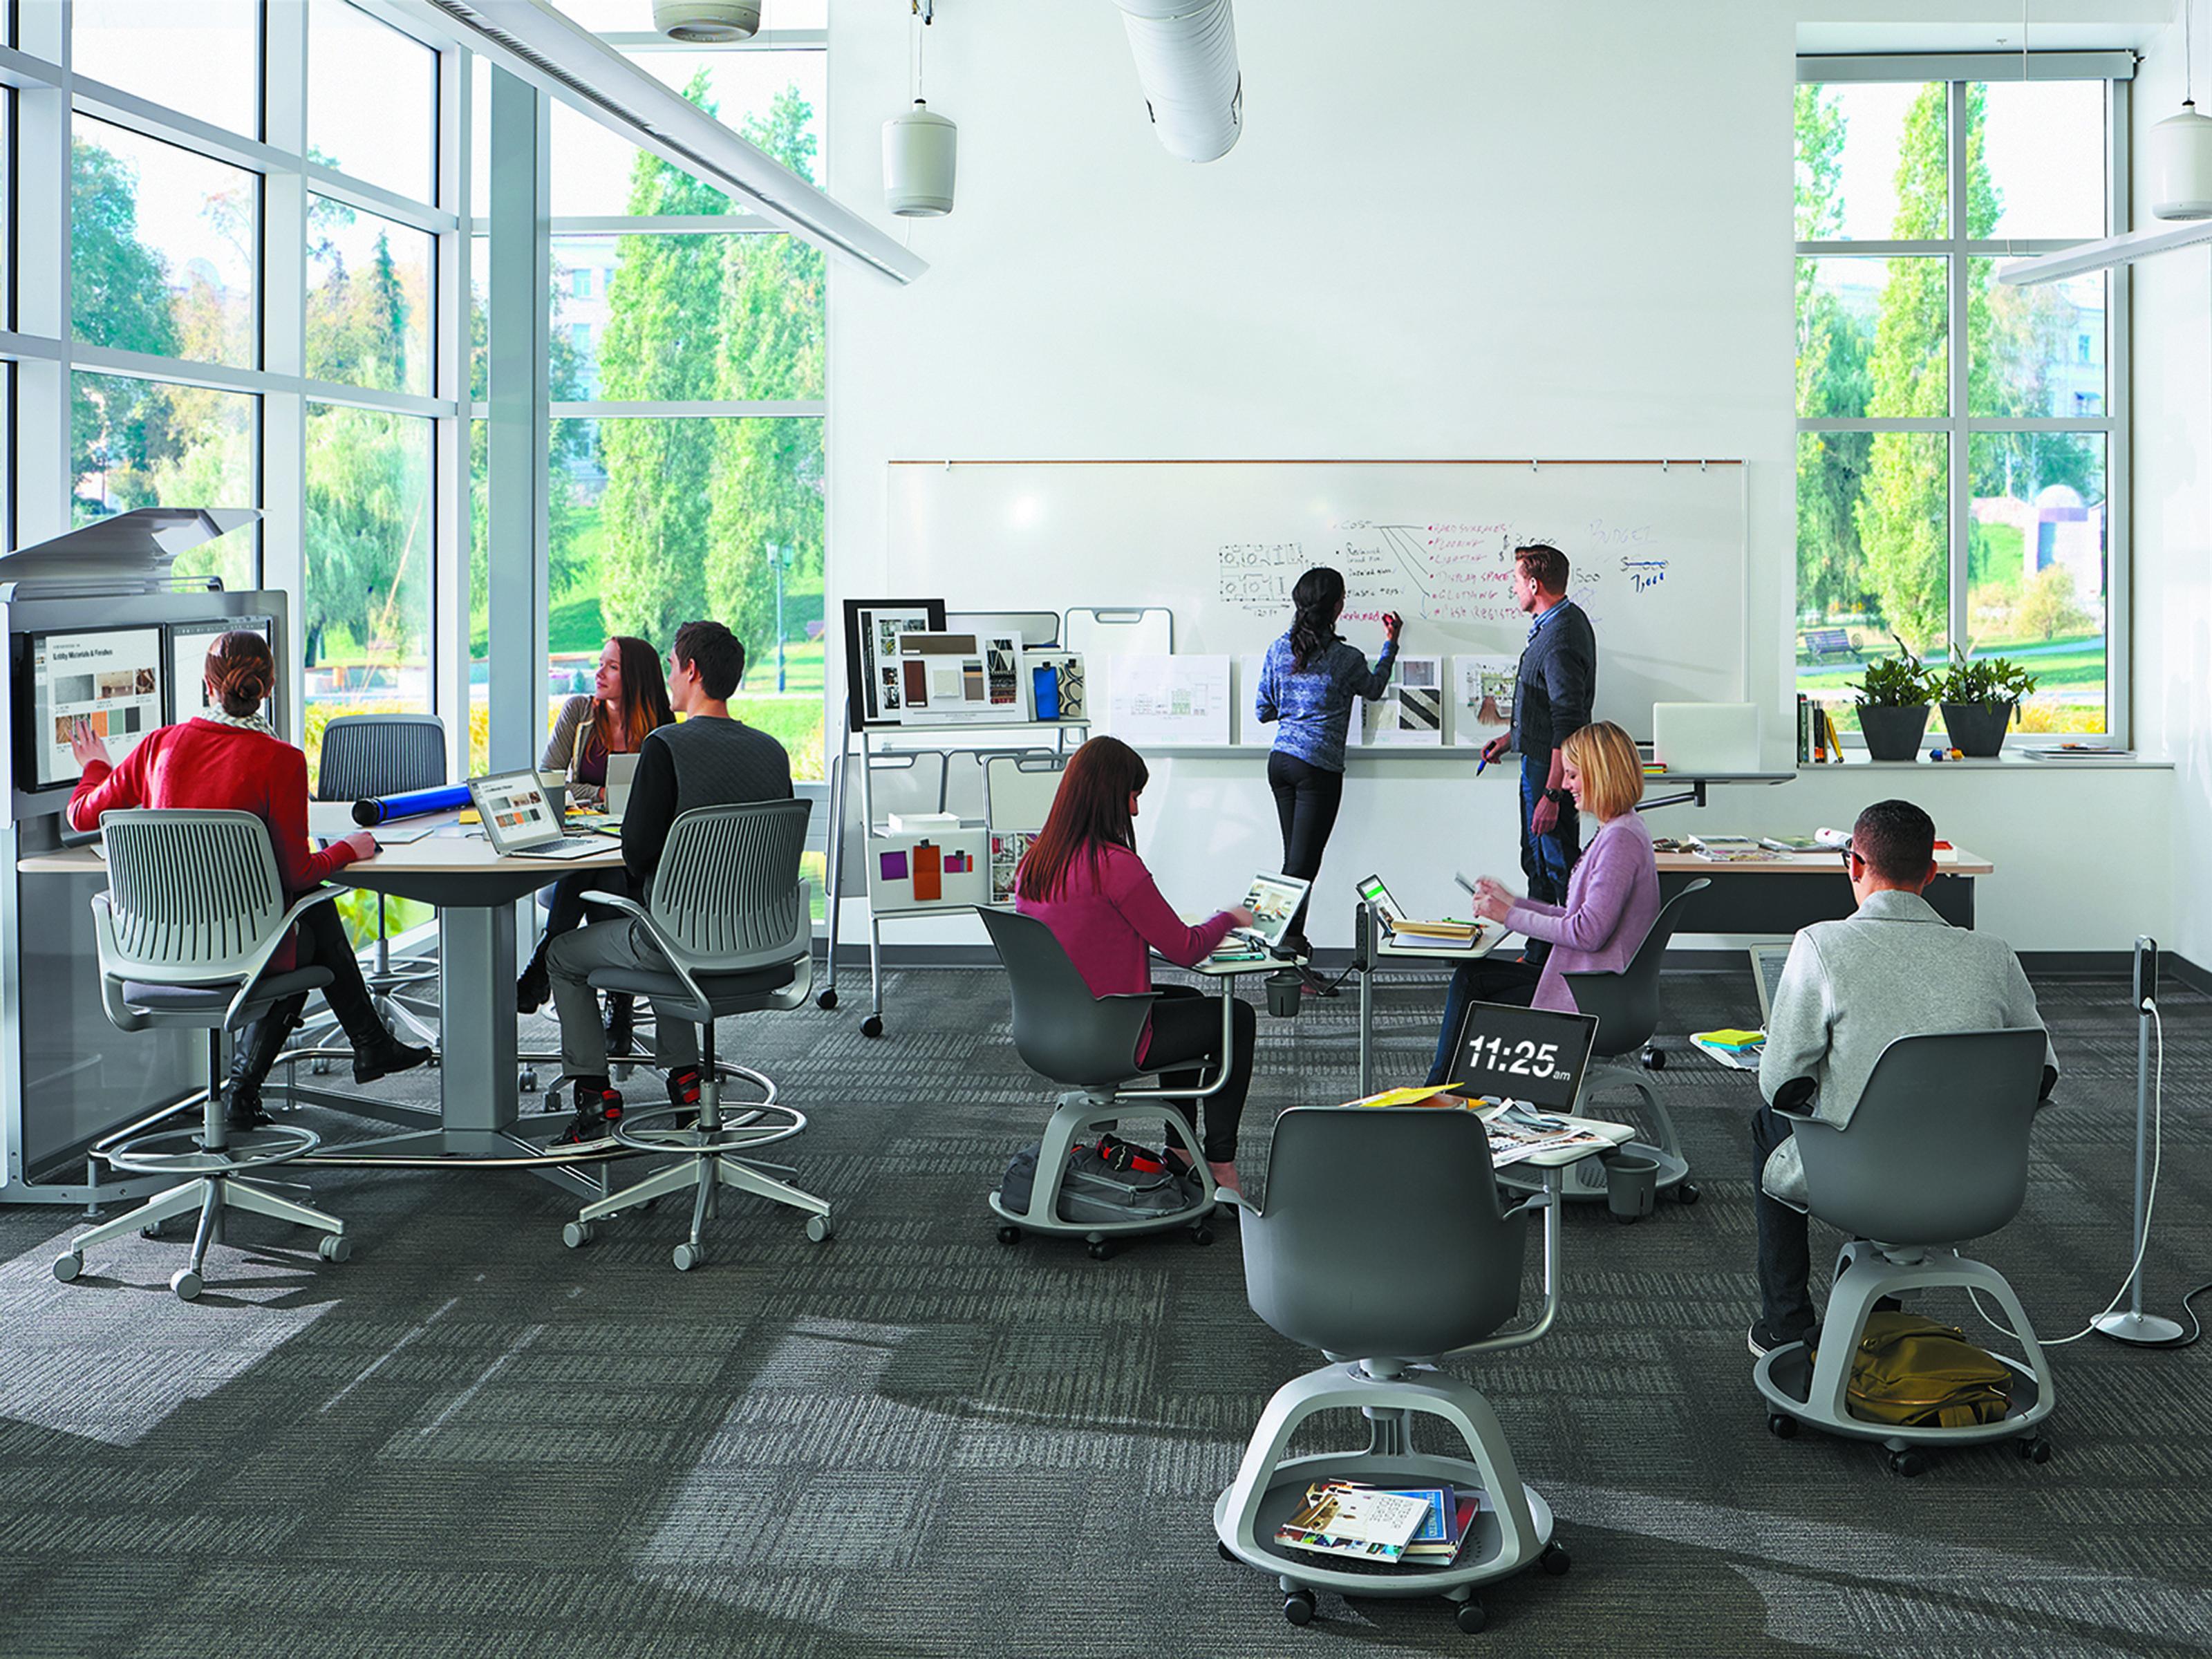 sean corcorran ber die wichtigsten ver nderungen in schulen und universit ten lernraum design. Black Bedroom Furniture Sets. Home Design Ideas